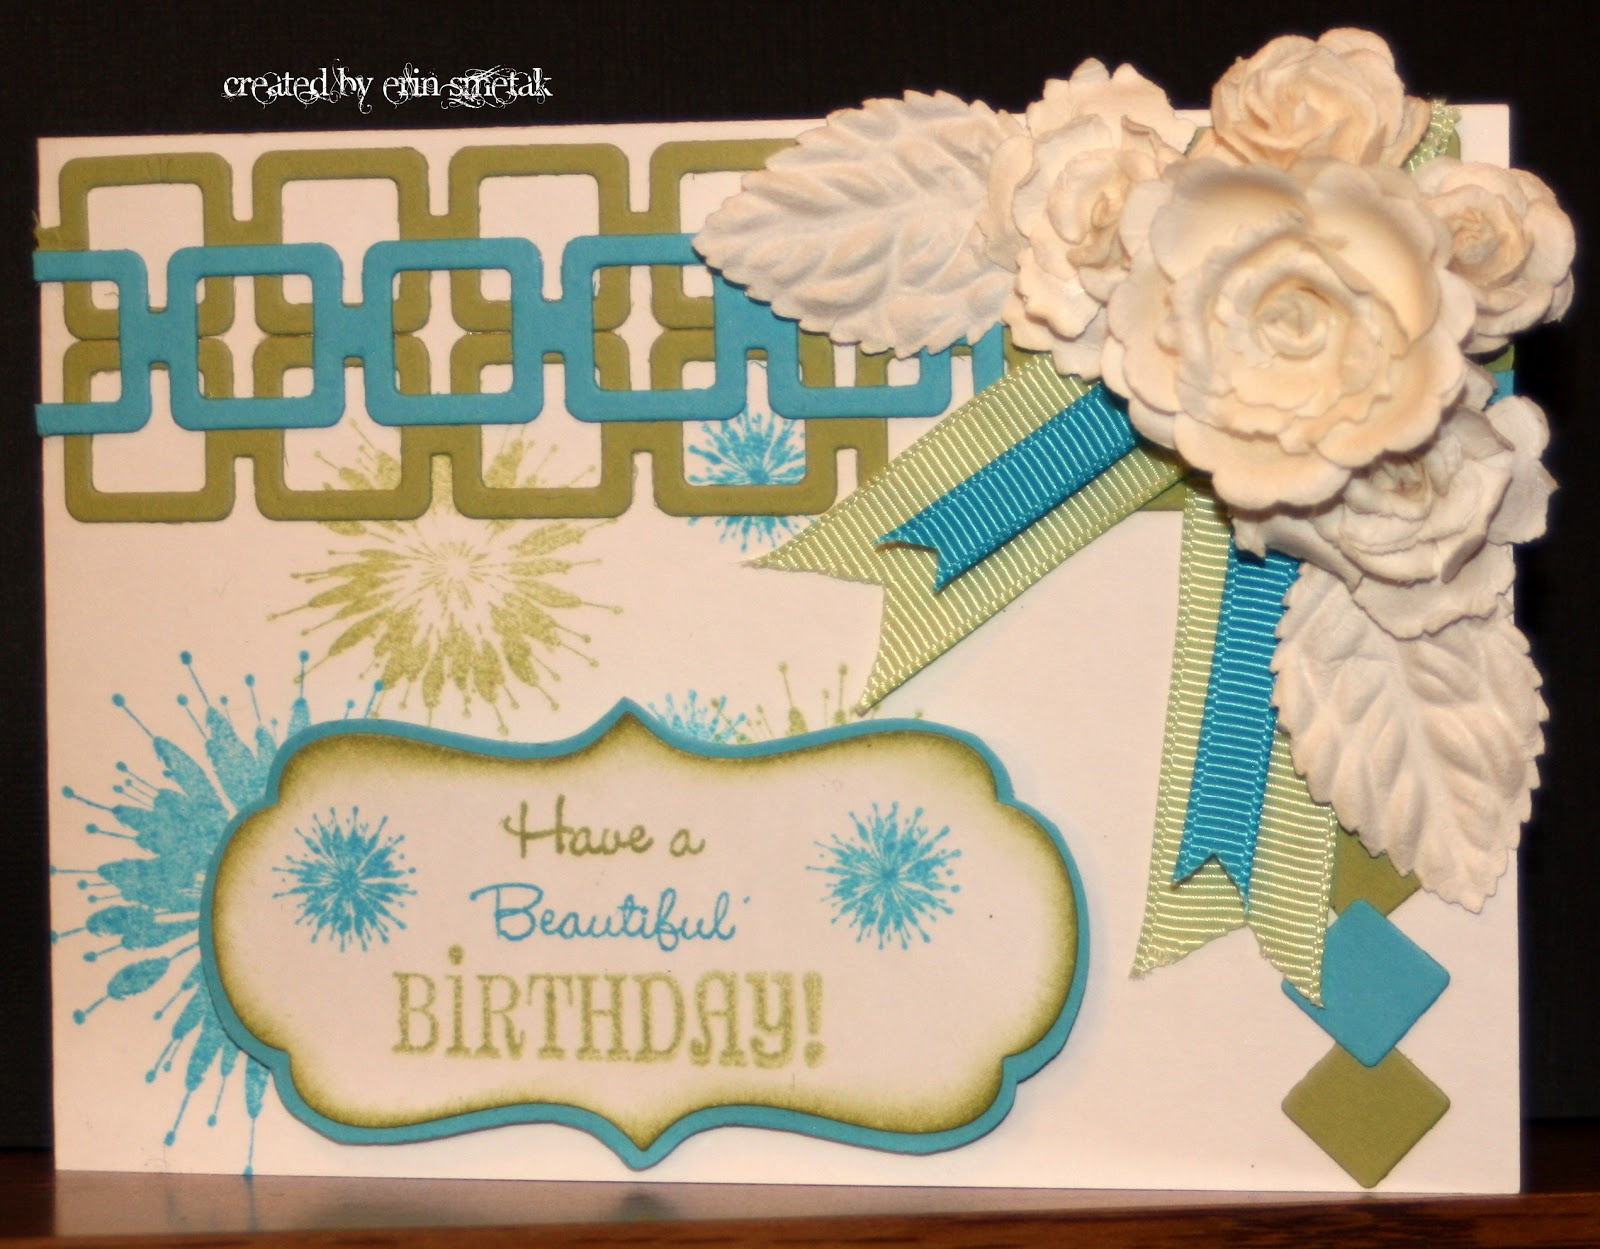 Birthday Cards For Teachers Ideas ~ Erin's craft ideas: birthday cards for teachers